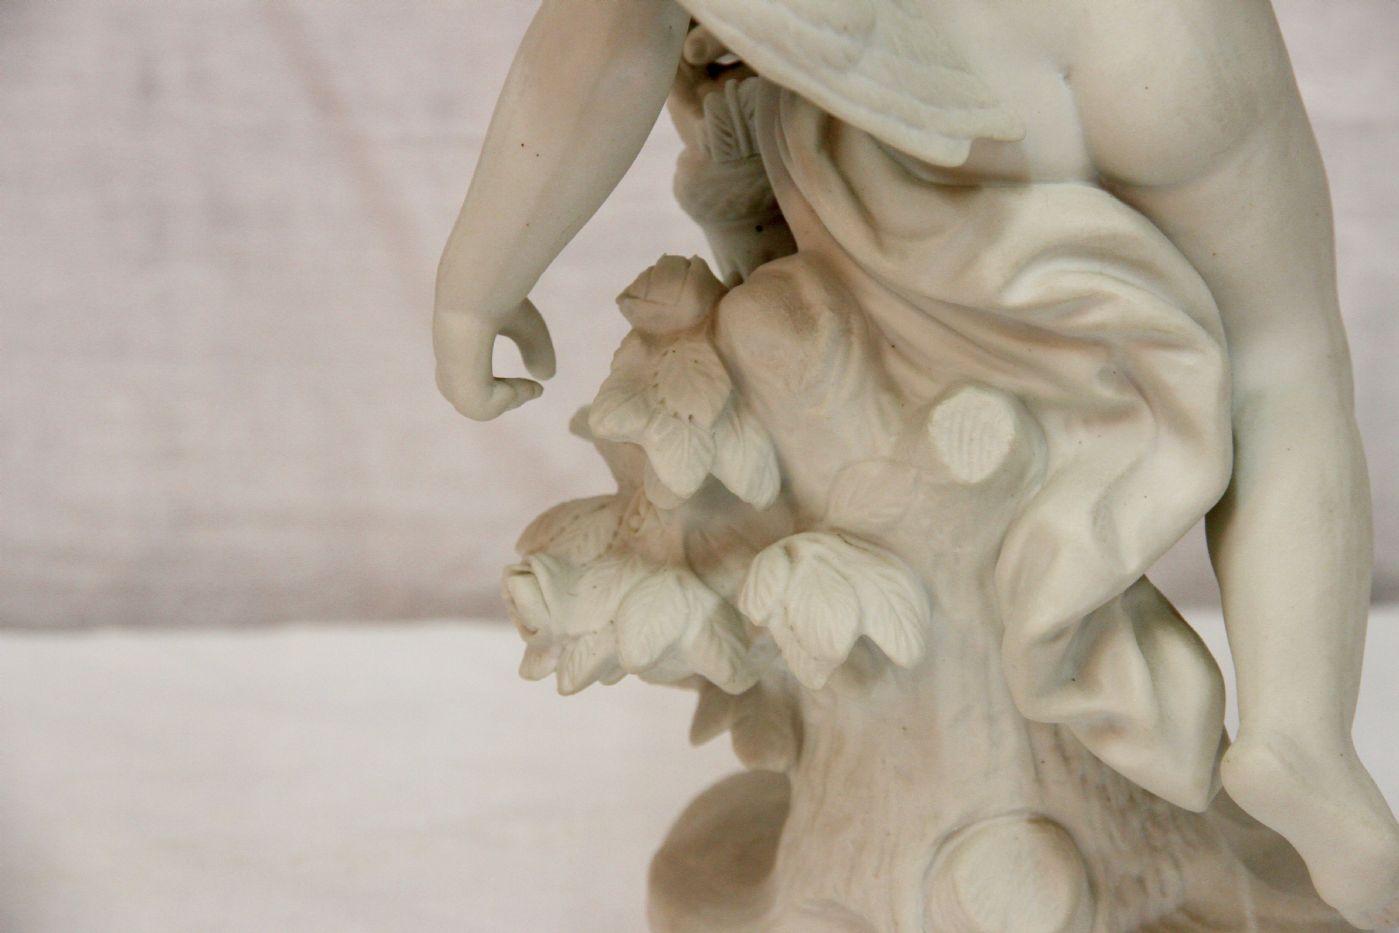 thumb6|Biscotto con Cupido, fine XIX° / inizio XX°